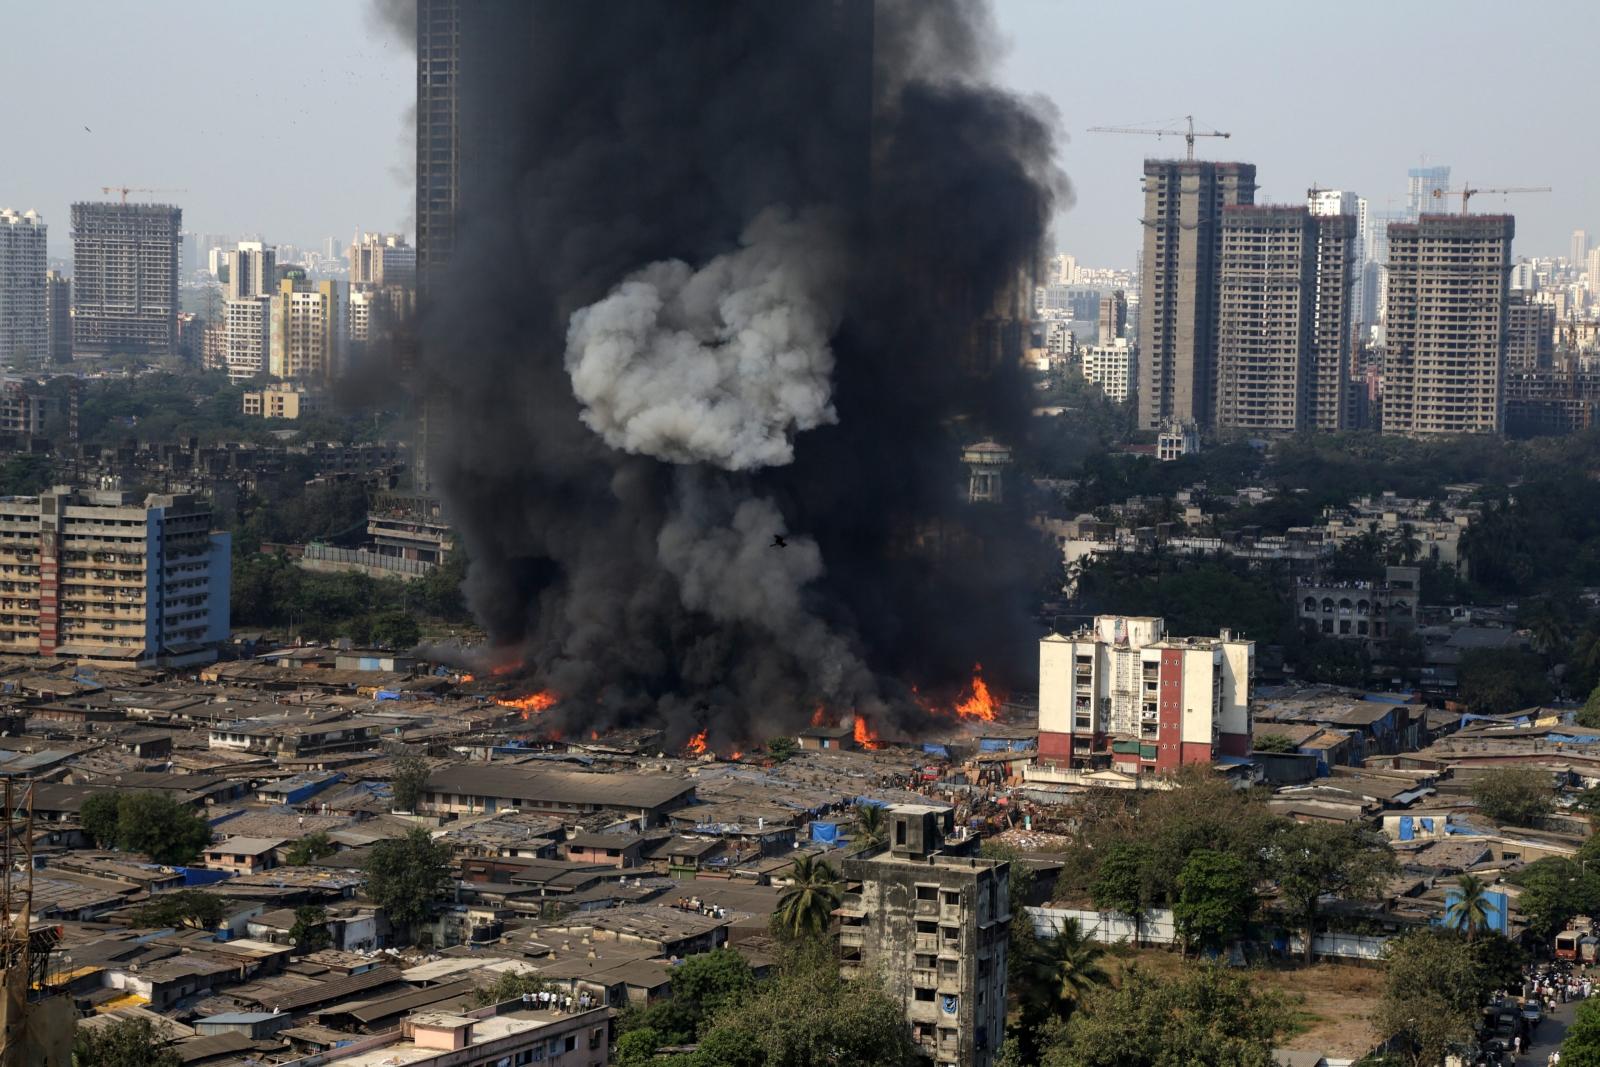 Pożar w slumsowej części Mombaju w Indiach. Fot. PAP/EPA/DIVYAKANT SOLANKI